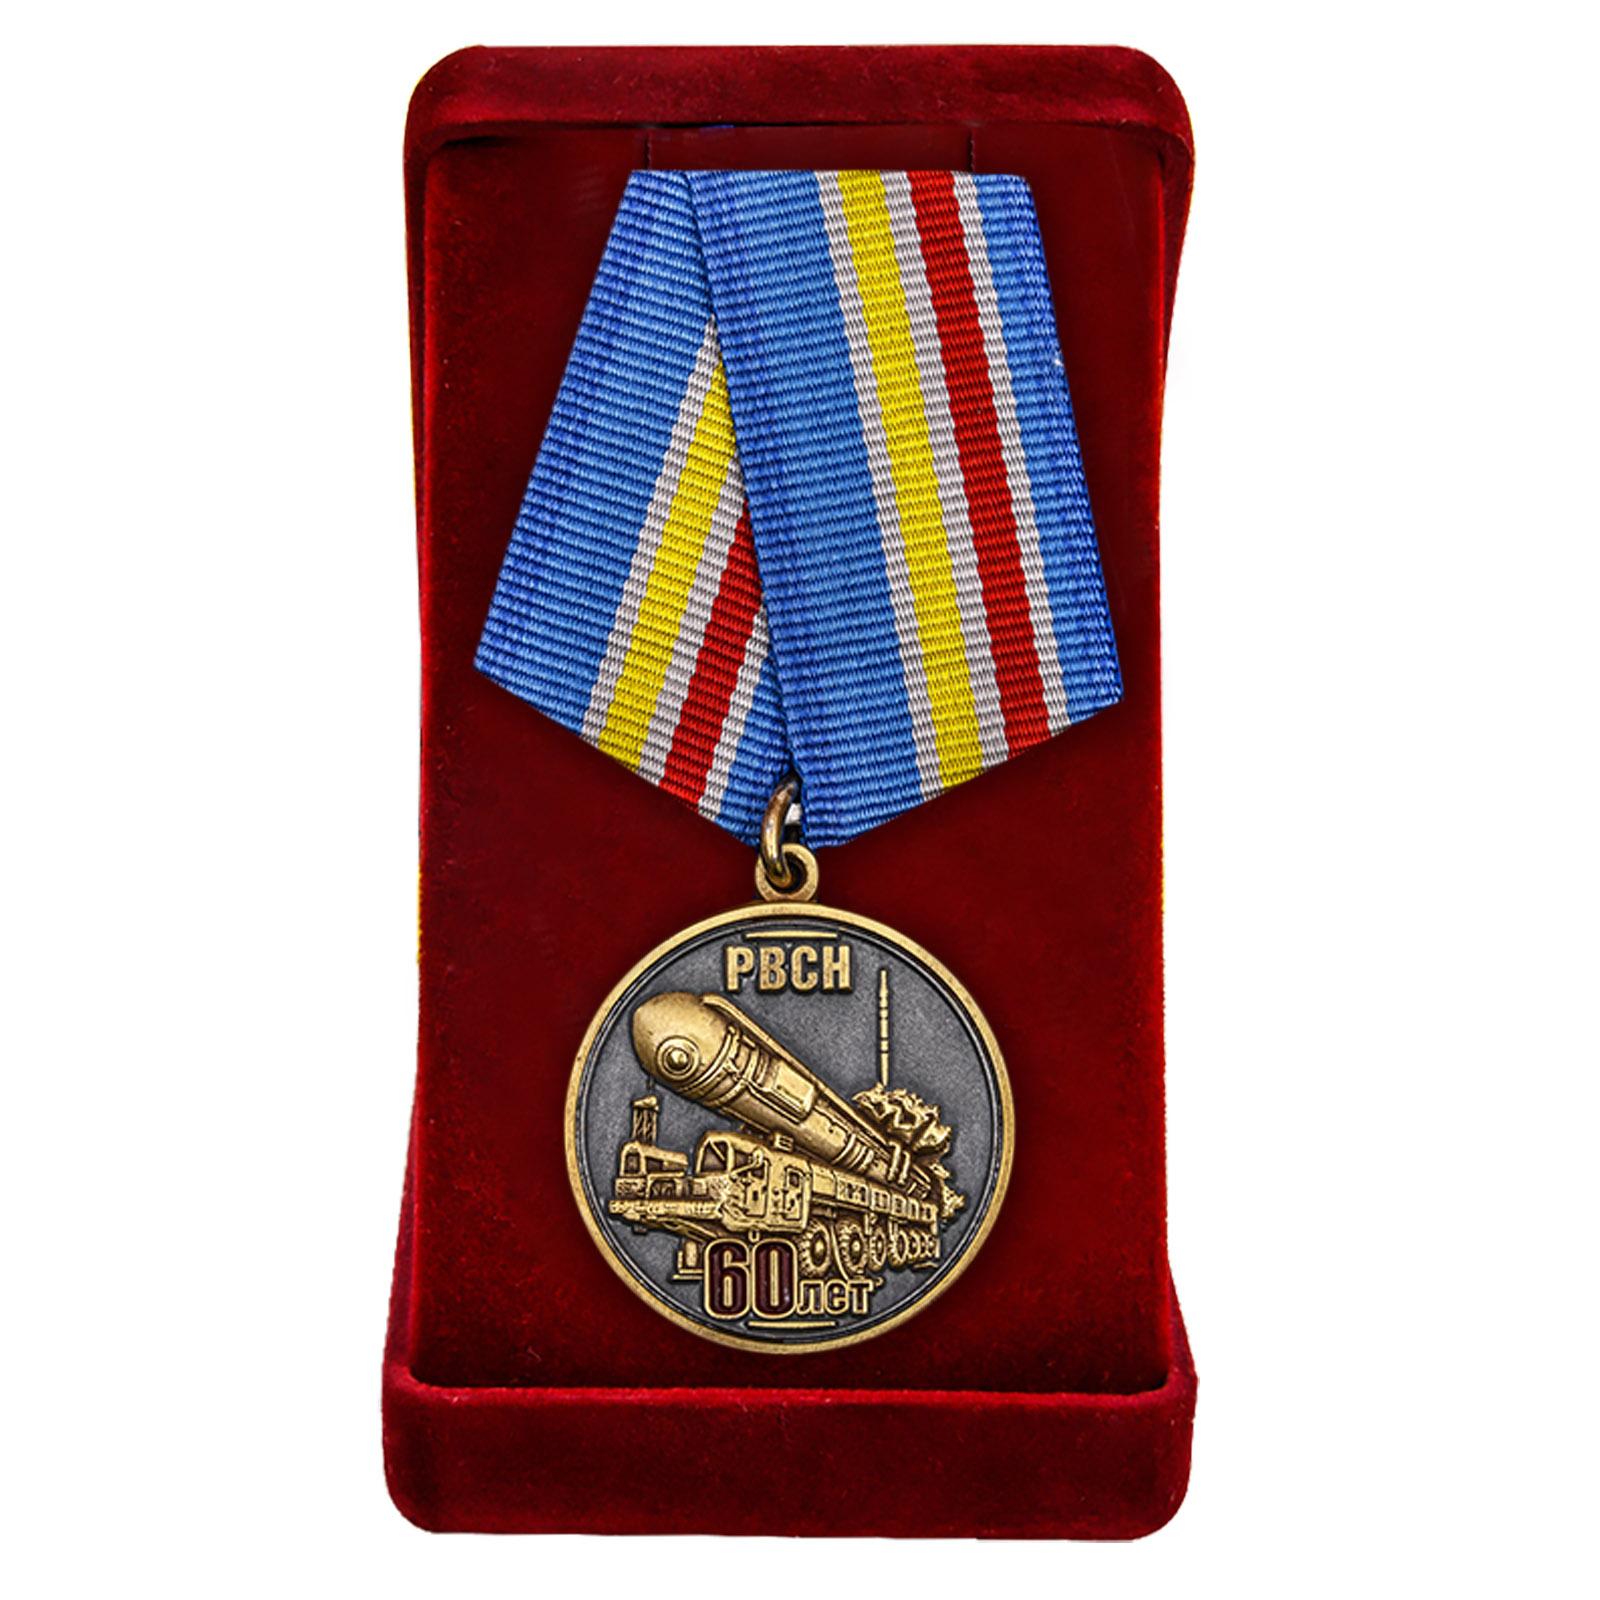 Купить памятную медаль 60 лет РВСН по выгодной цене